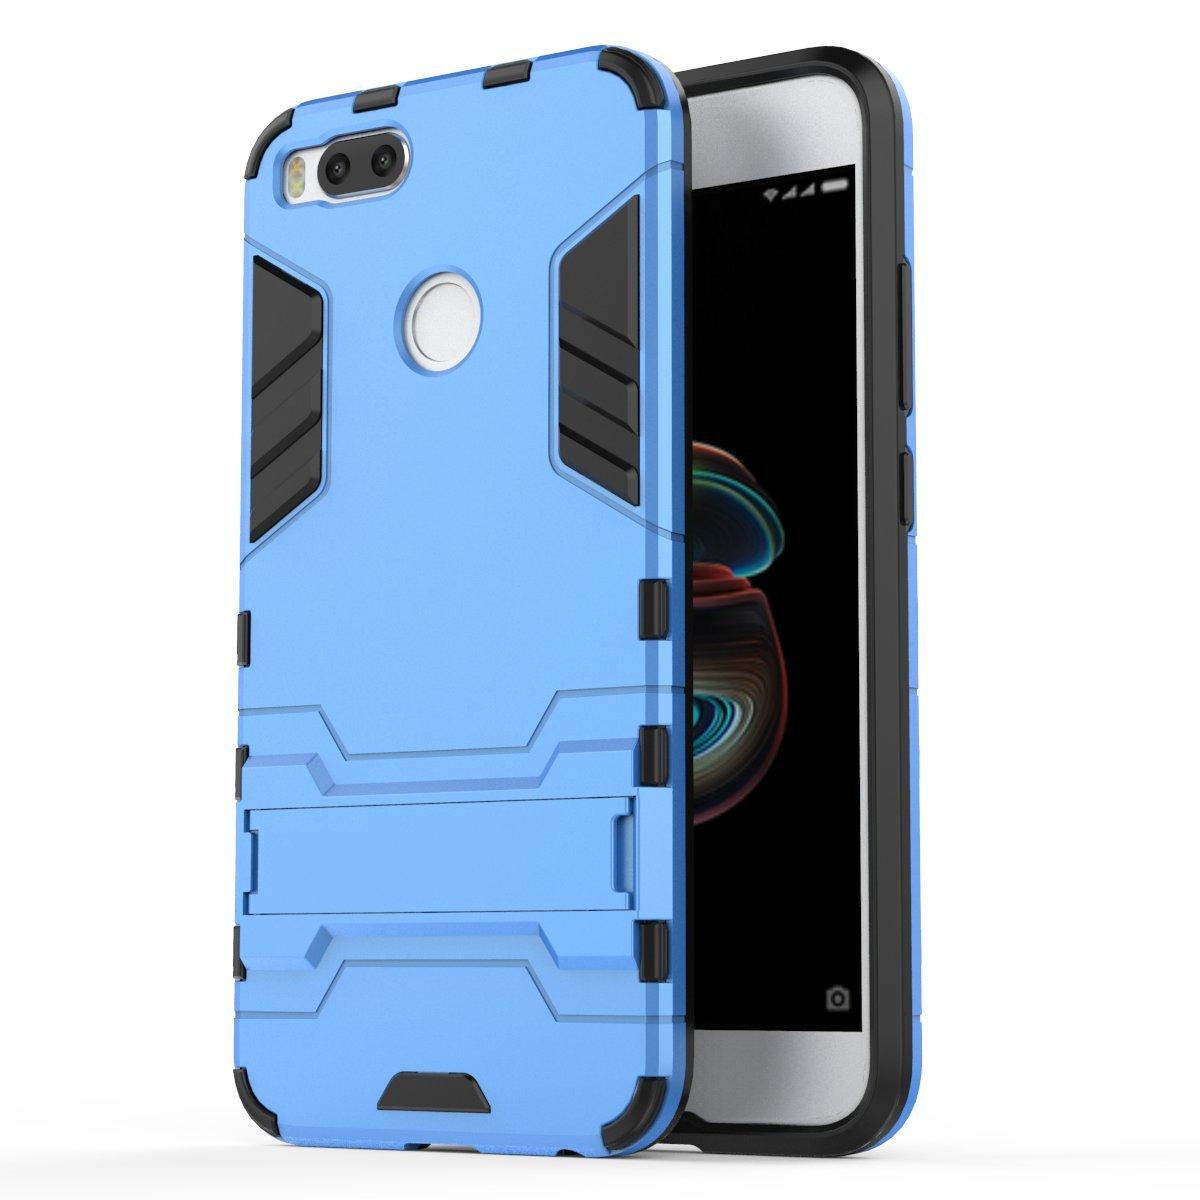 Ougger Fundas para Xiaomi Mi A1 5X Suave TPU Ligero Rubber 2in1 Back Gear Rear Oro Carcasa Cover Soporte de v/ídeo Protector Extrema Absorci/ón de Impacto Armor Cover Duro Pl/ástico